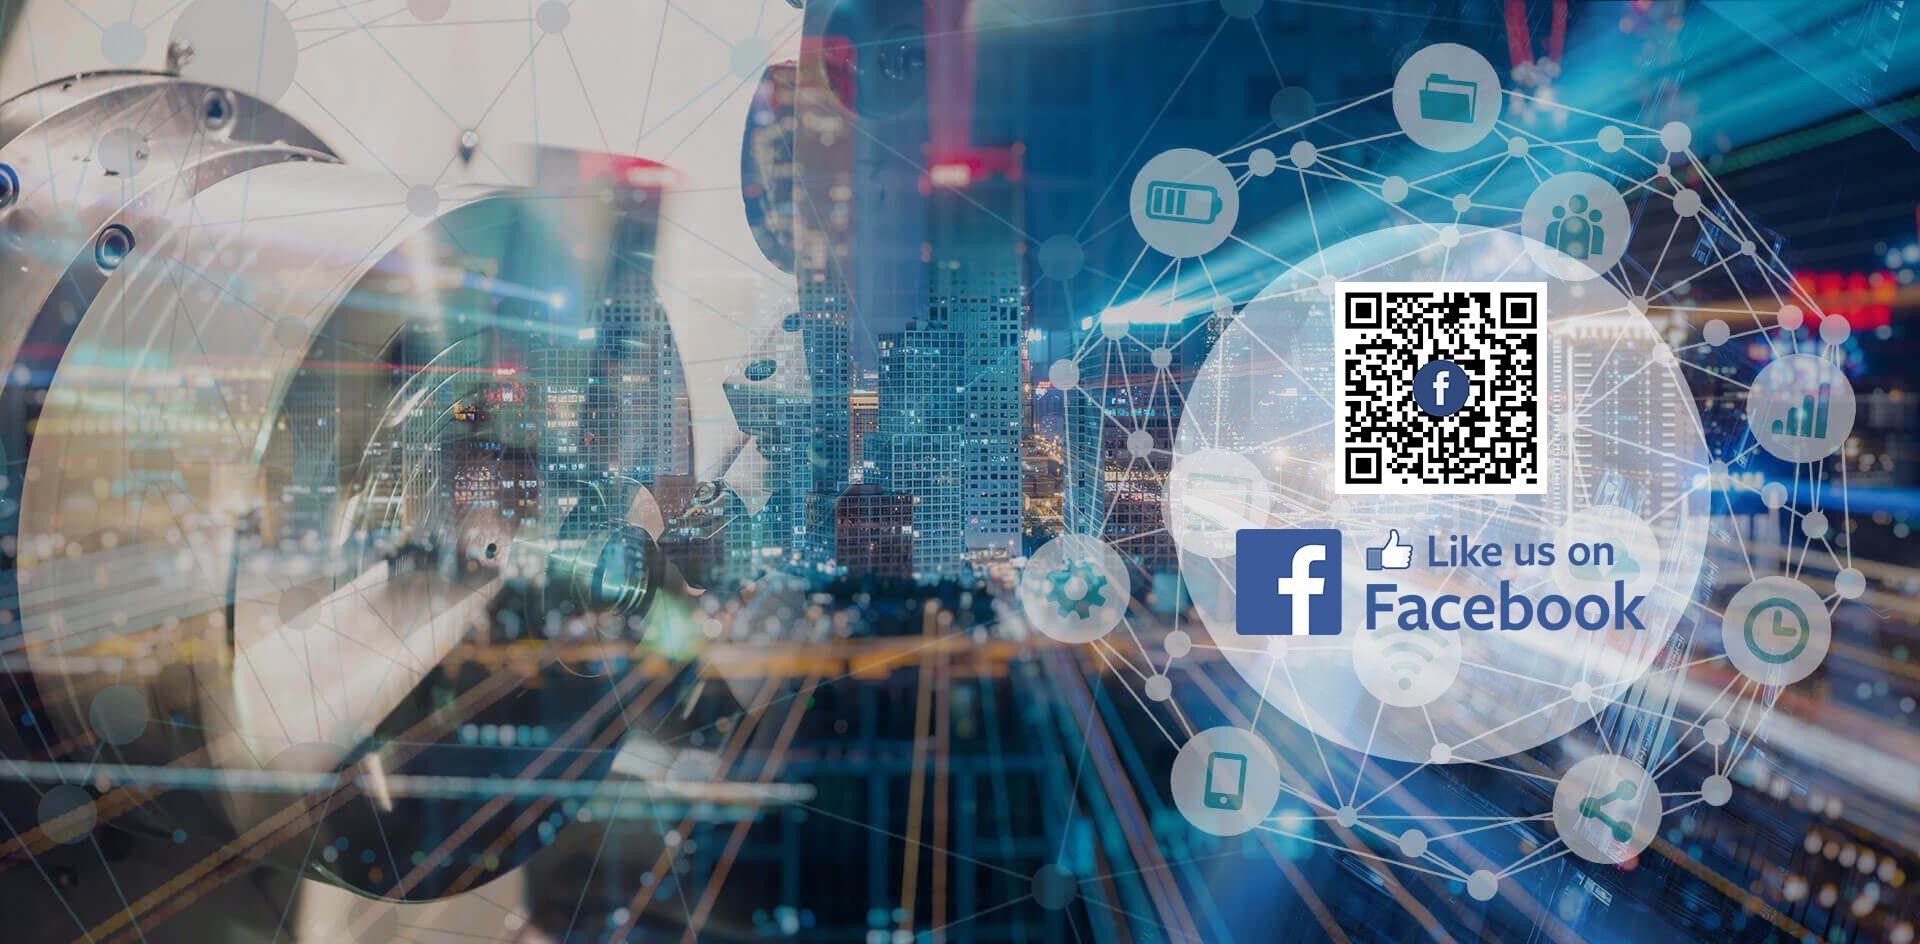 find us on facebook.png.jpg